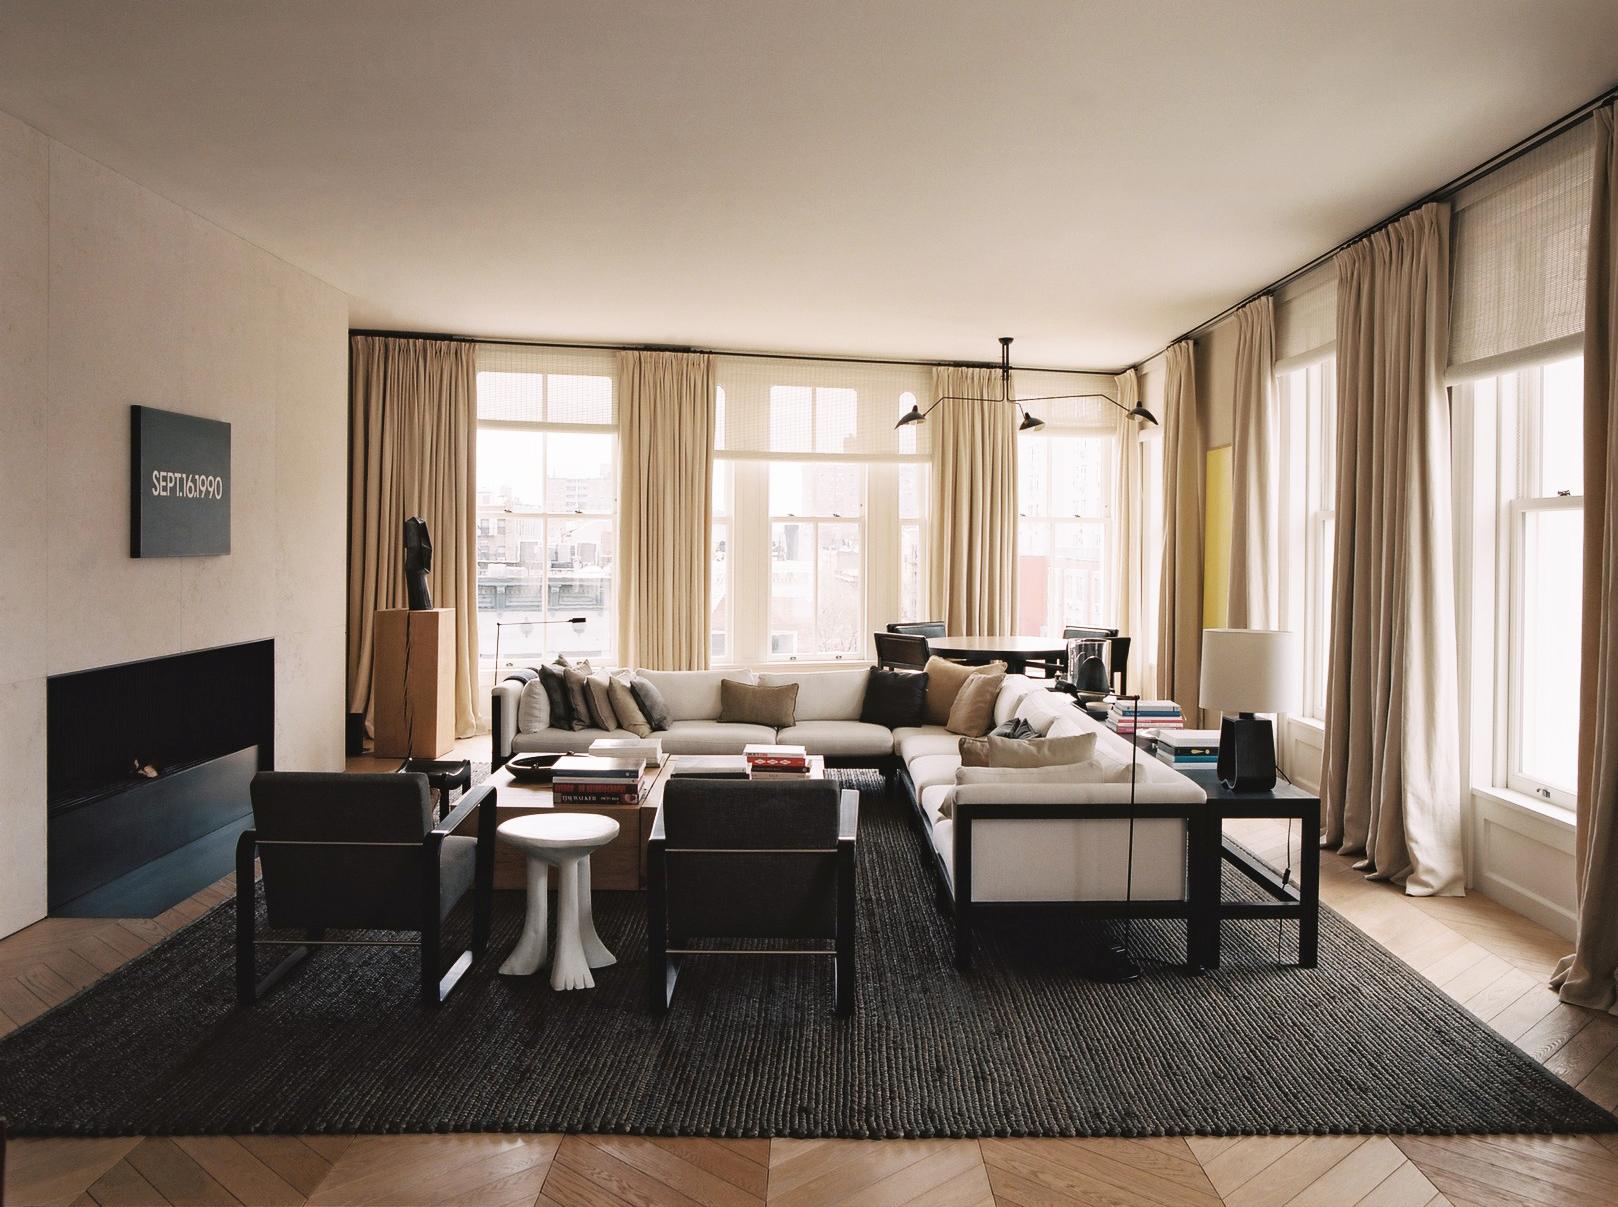 Vincent Van Duysen Hh Penthouse © Francois Hallard 2 Photoshopped